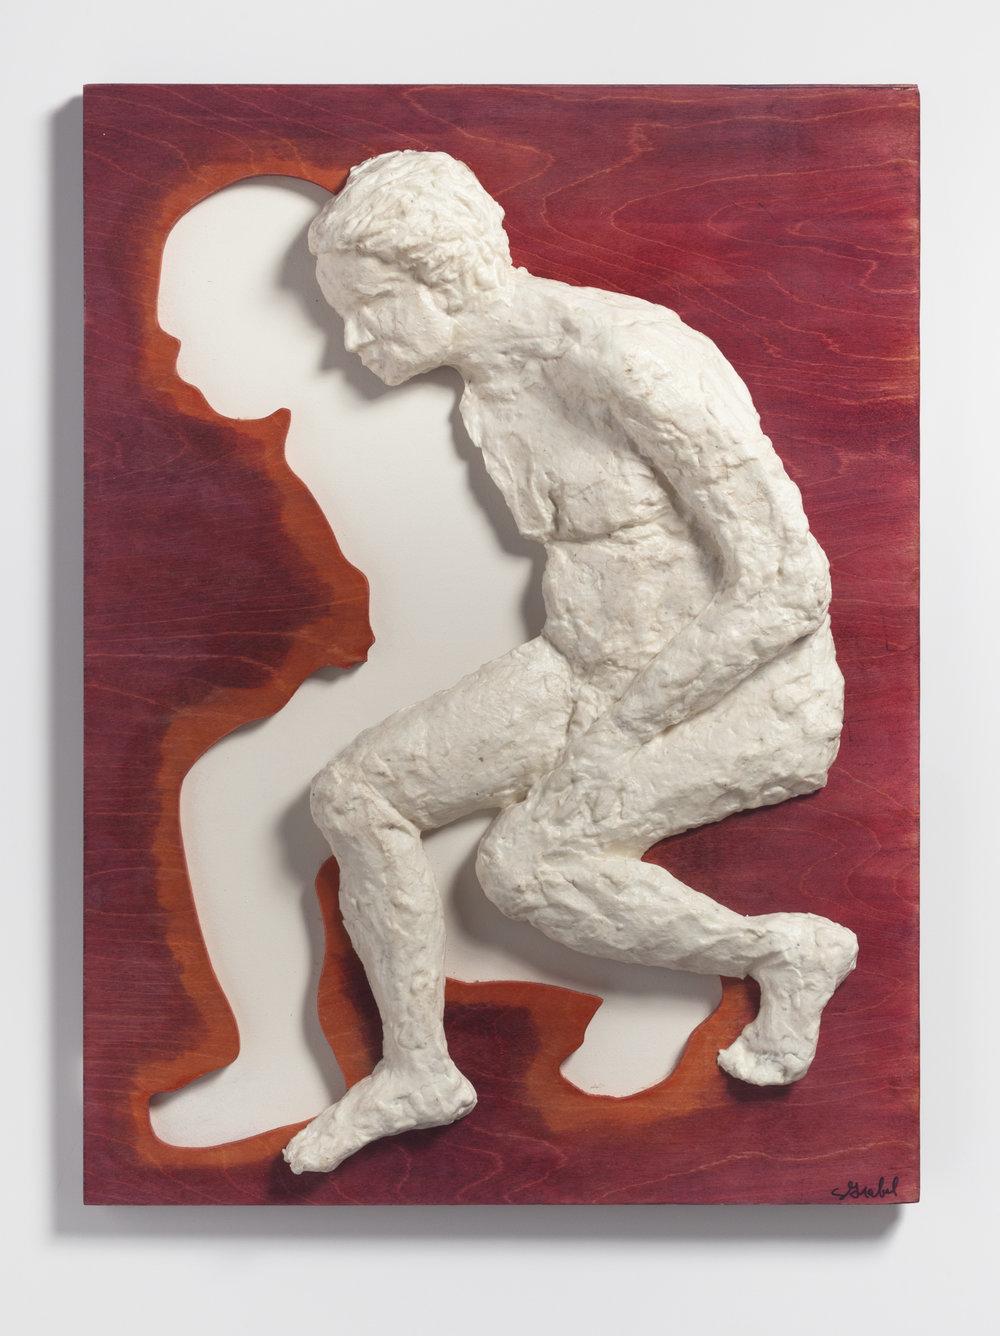 Ceres-Susan Grabel-Movng Forward [DF-MF003]-25x18x3-wood,cast paper-2017-$850.jpg